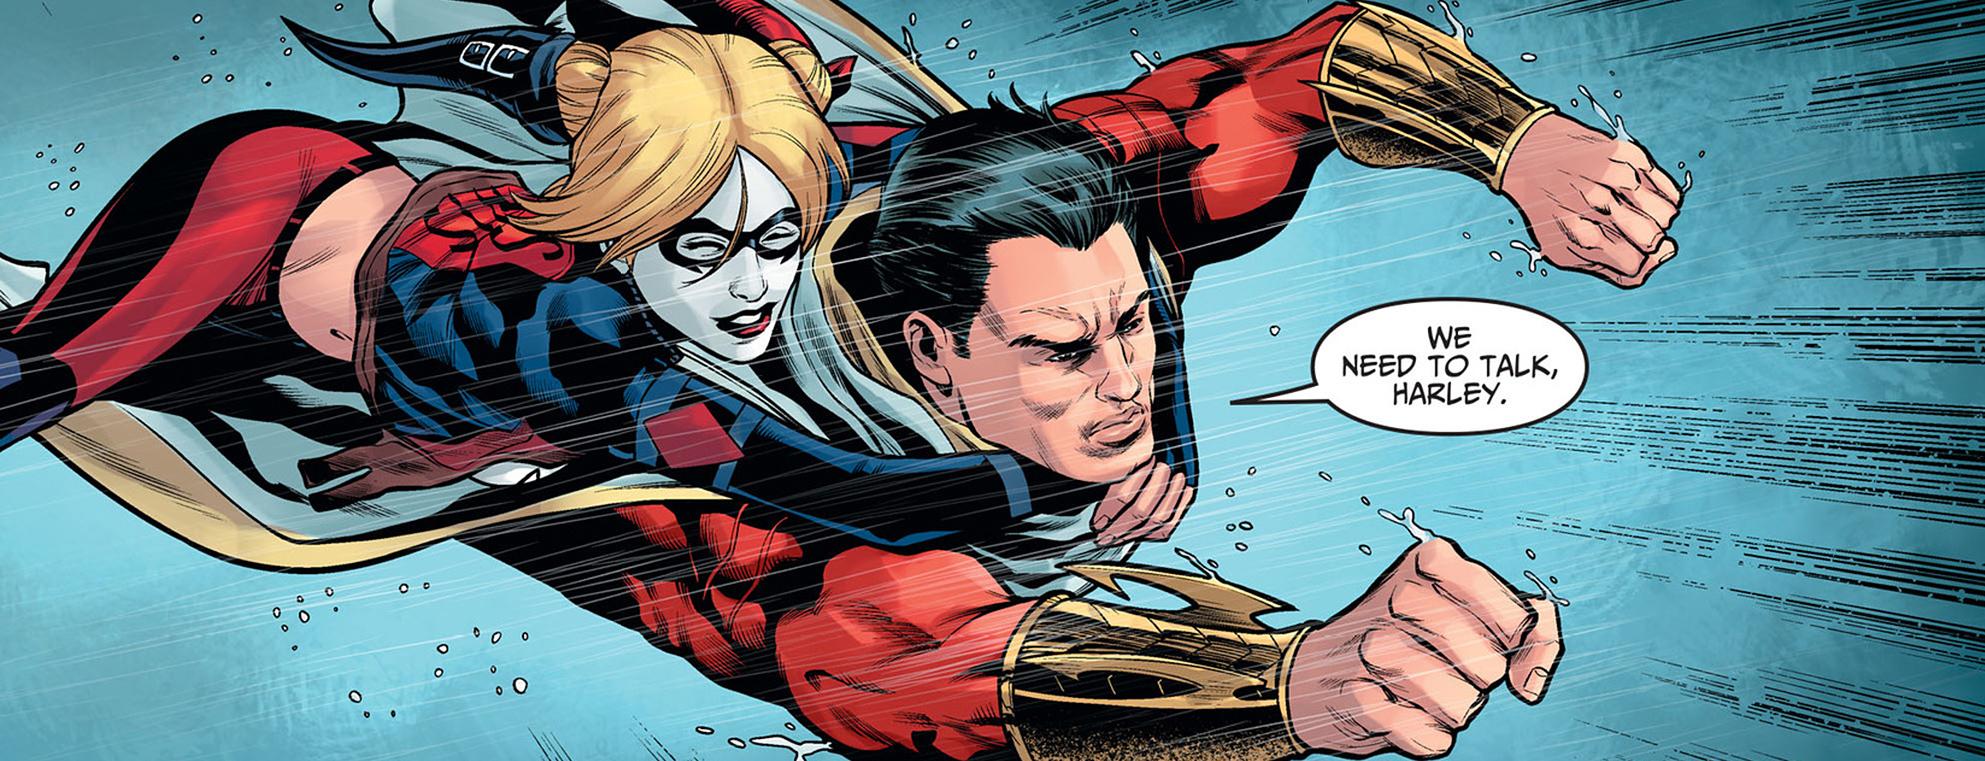 Shazam Likes Harley Quinn Injustice Gods Among Us